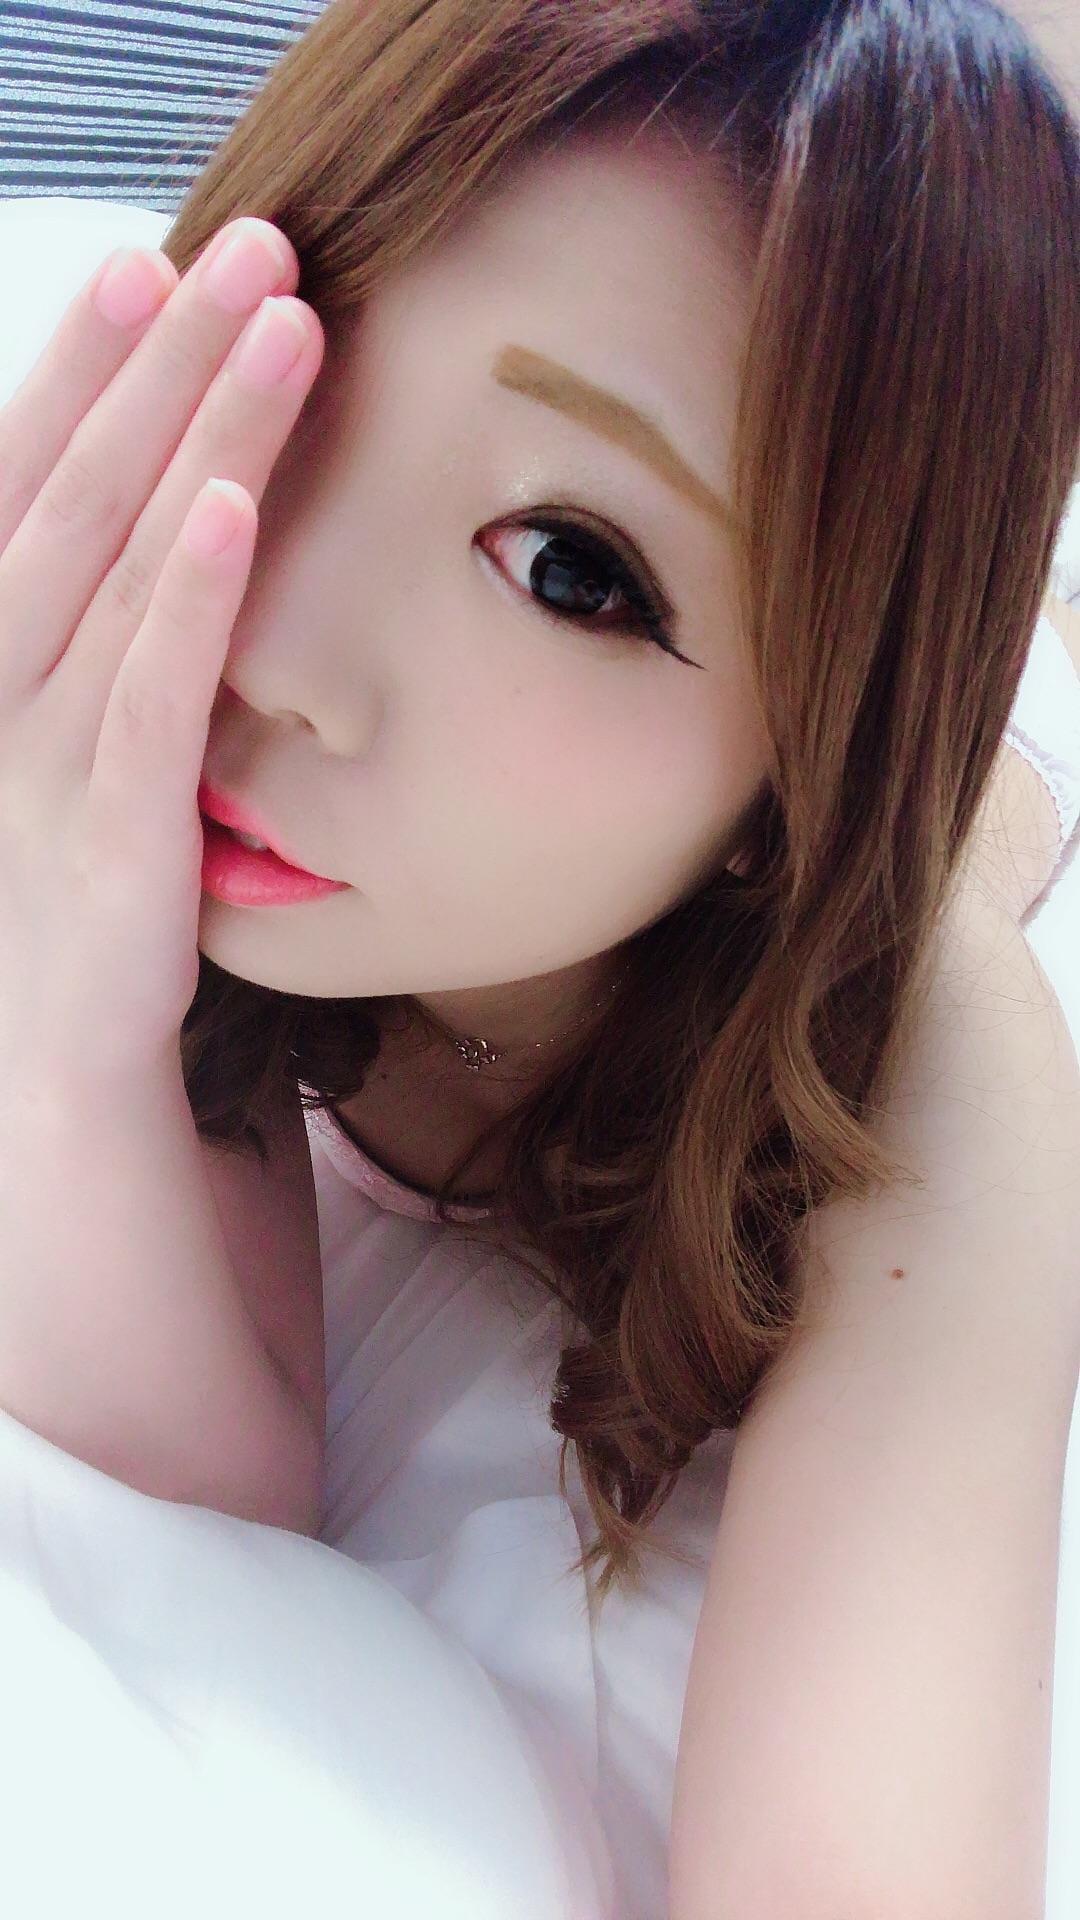 「ありがとう♡」09/27(木) 02:28   サクラの写メ・風俗動画